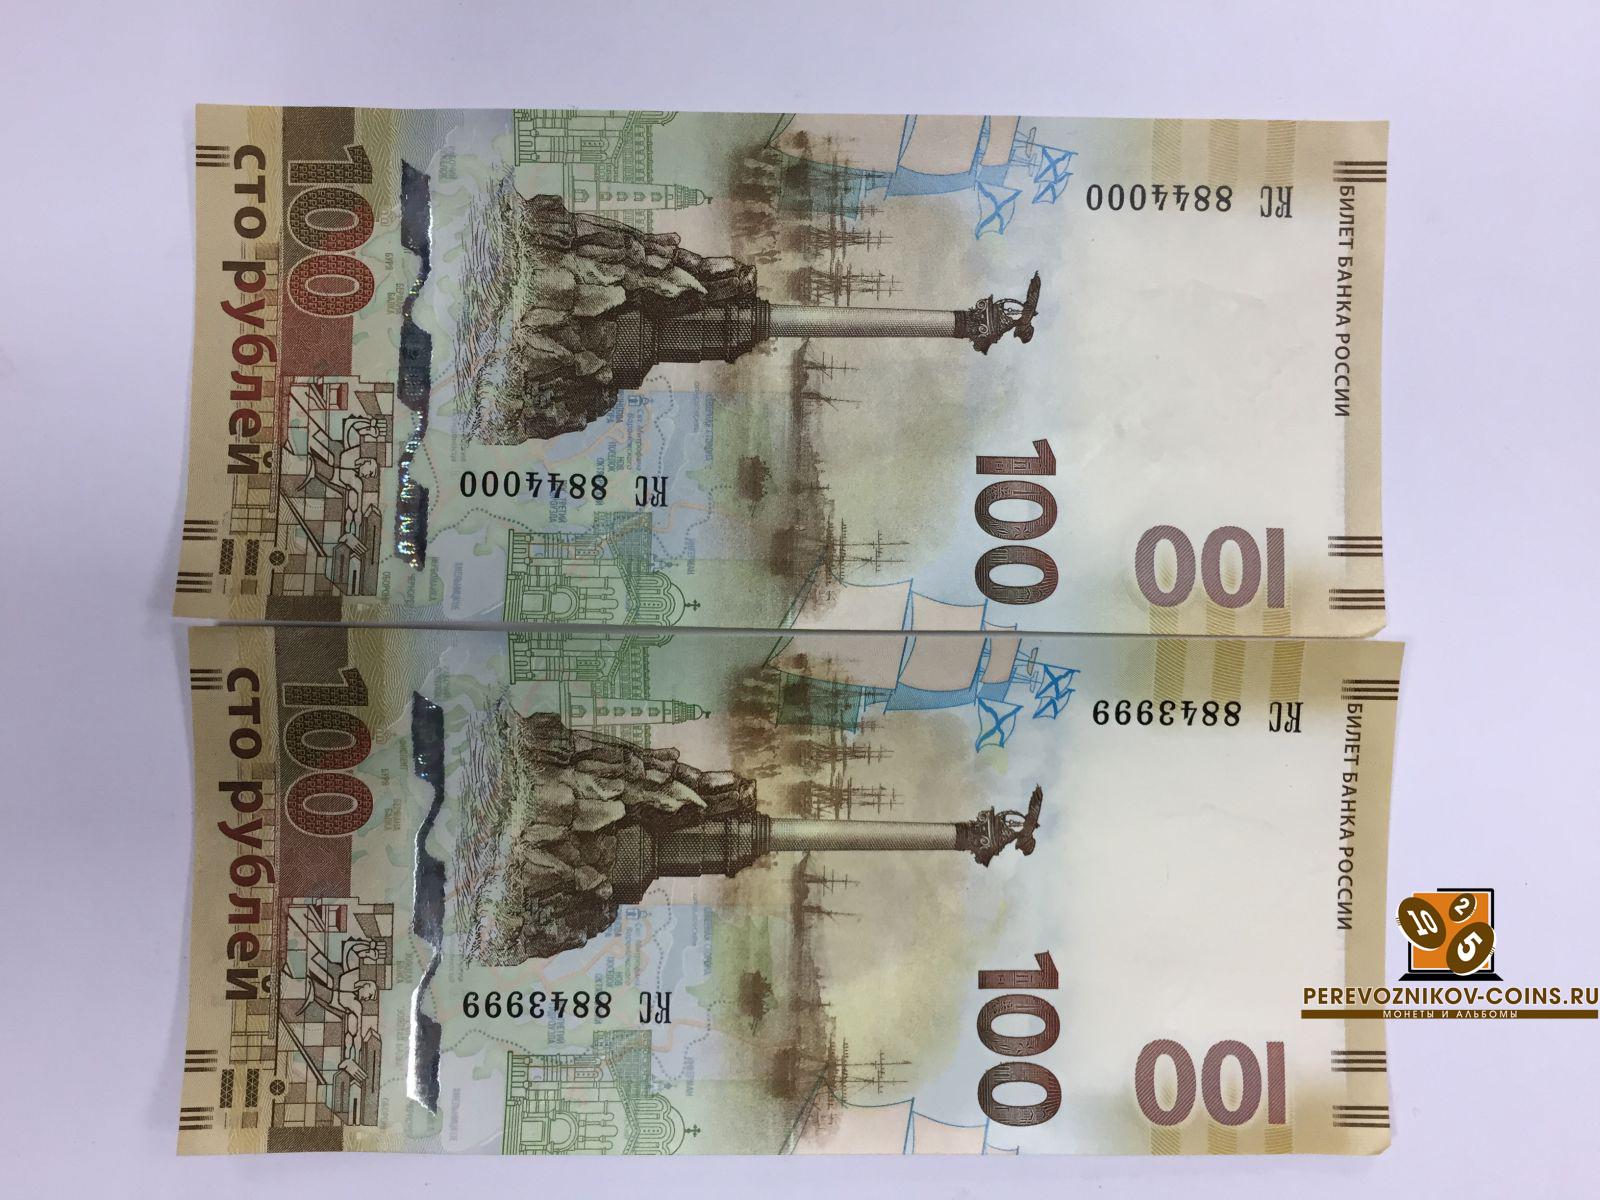 Купюра Крым серия КС с трехзначным номером